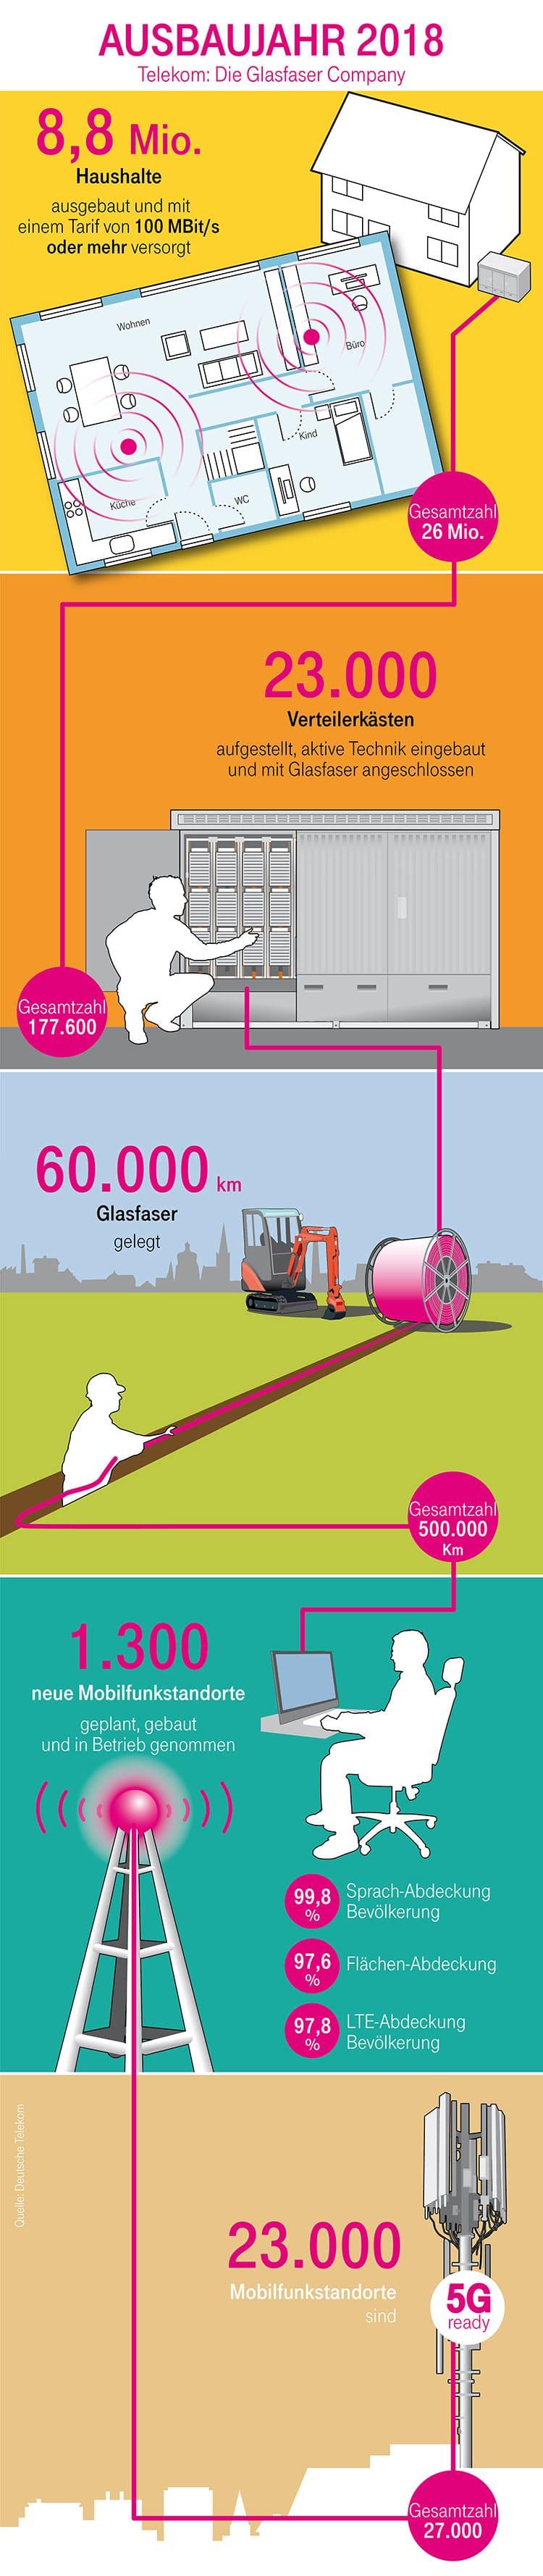 Infografik der Deutschen Telekom zum Ausbaujahr 2018